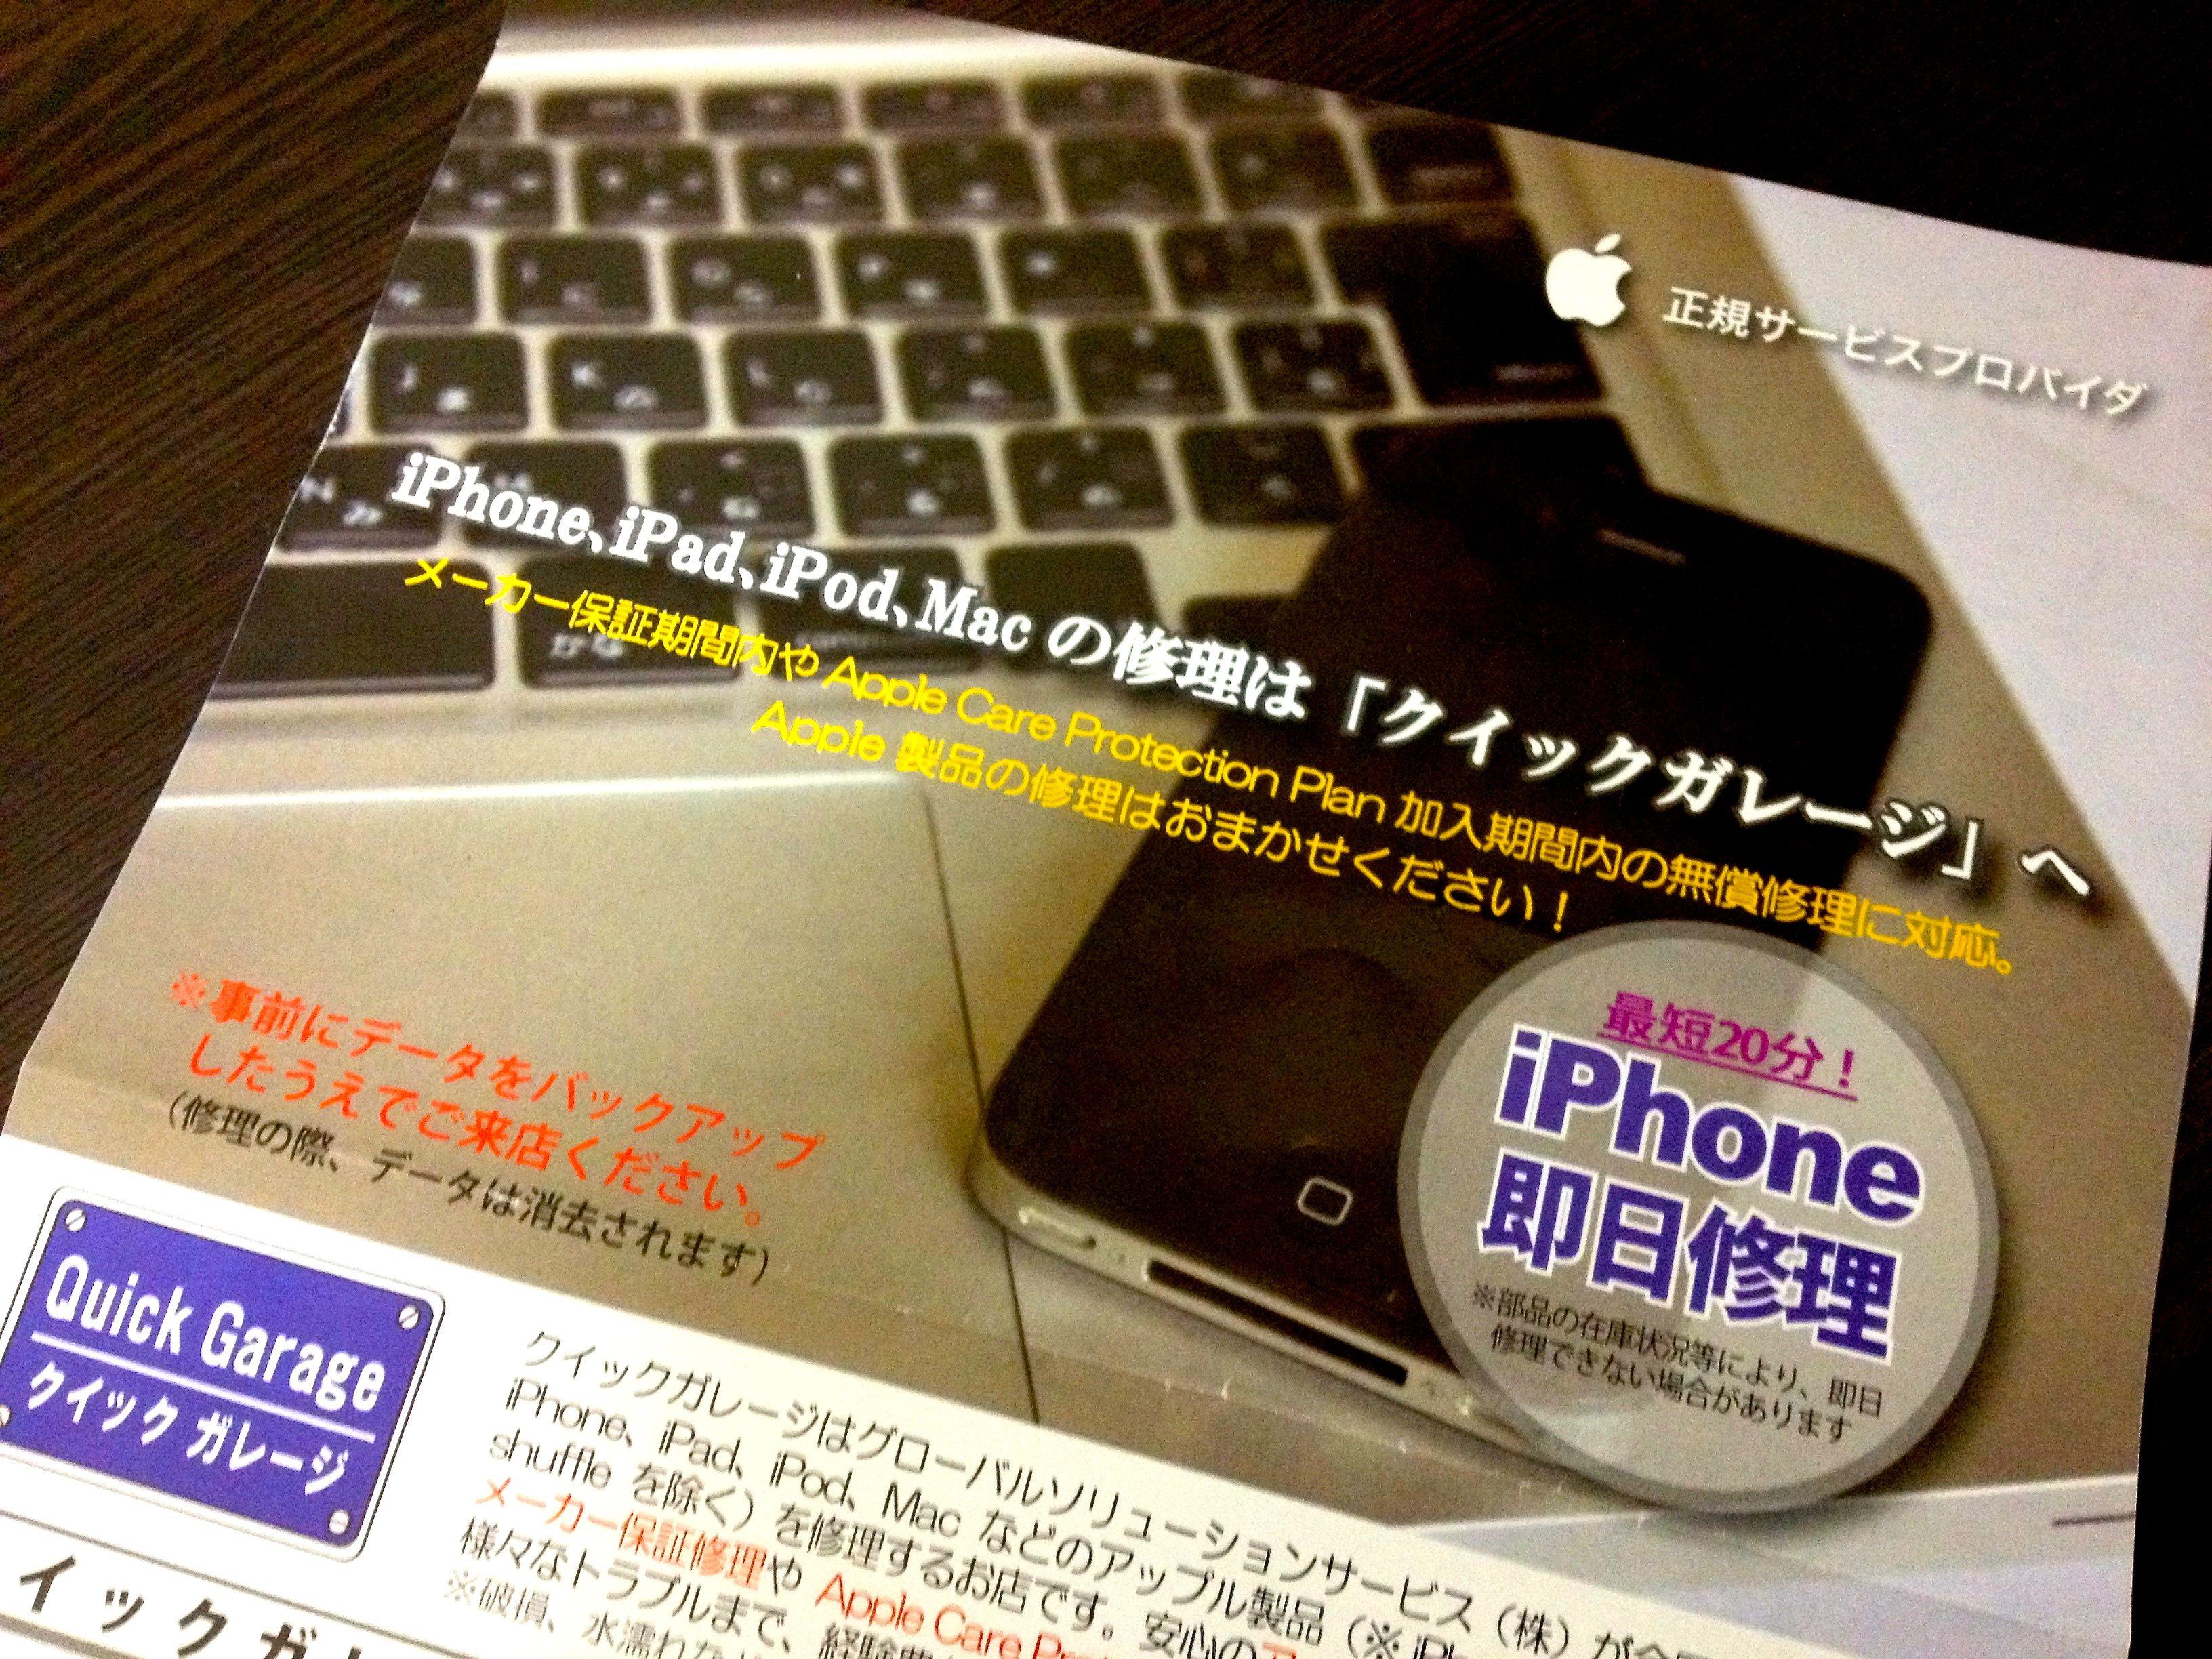 『最短20分!』の謳い文句は伊達じゃない!クイックガレージで「Wi-Fiなし」iPhoneをみてもらった件